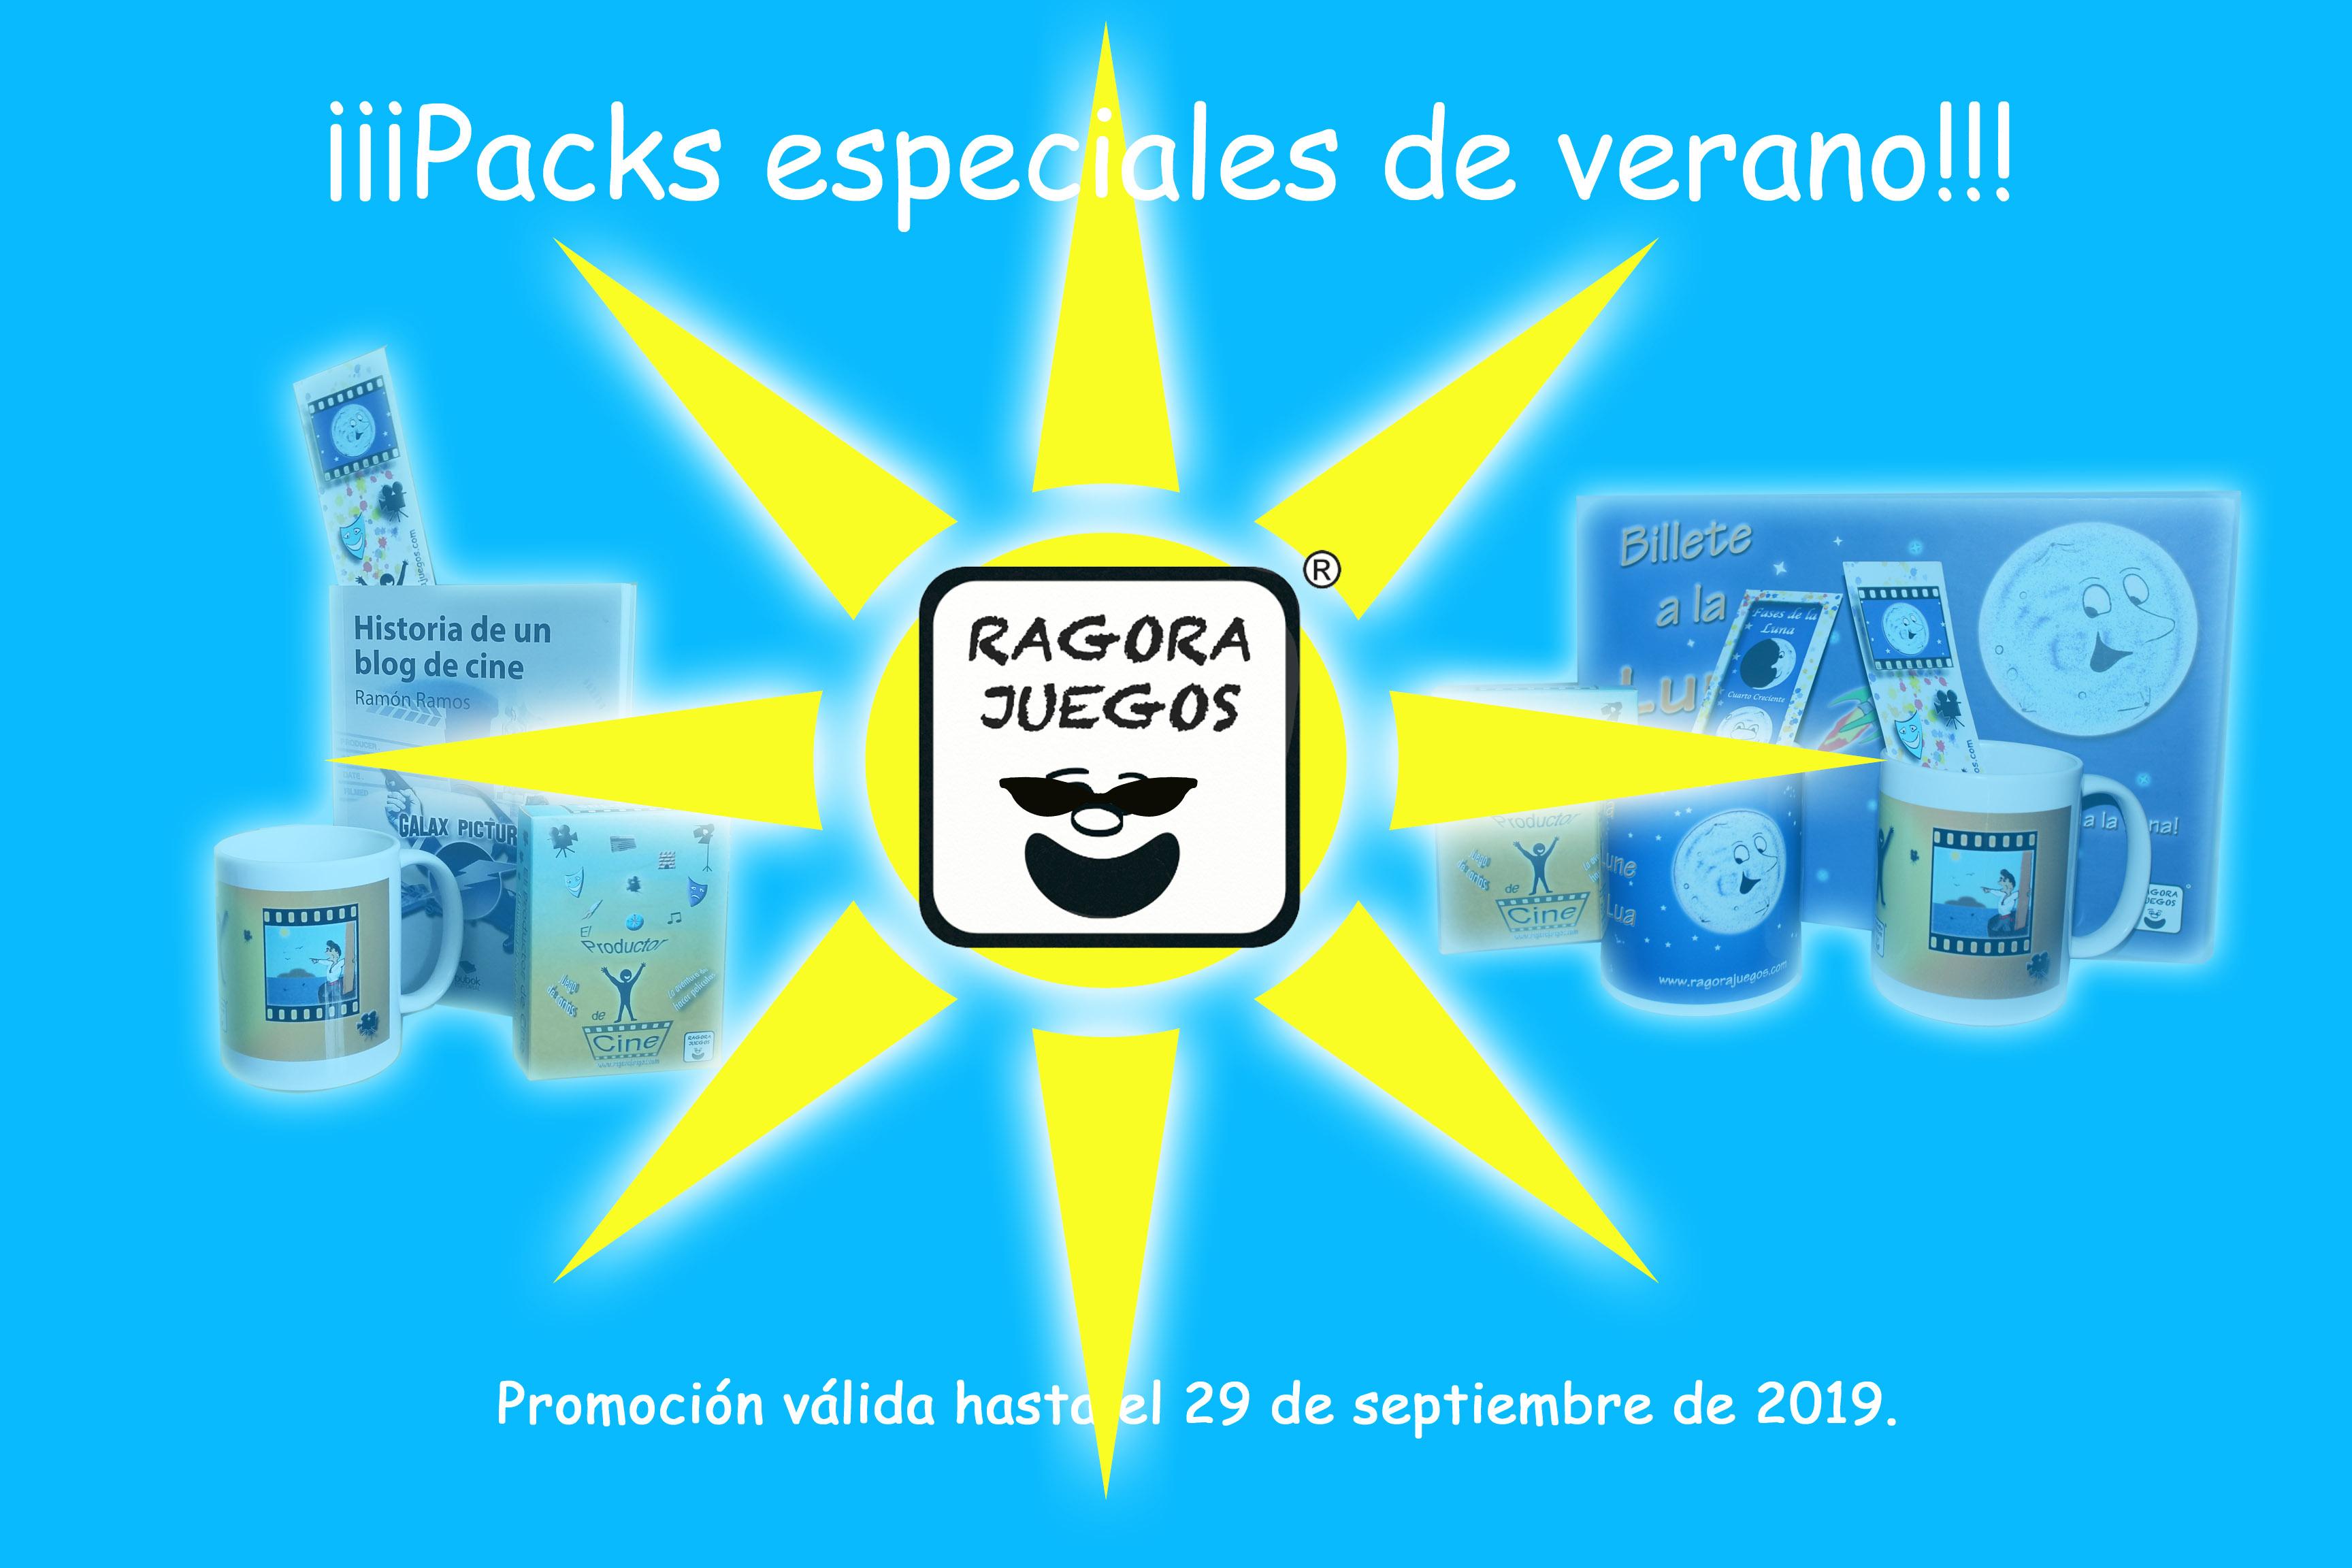 Packs especiales de verano